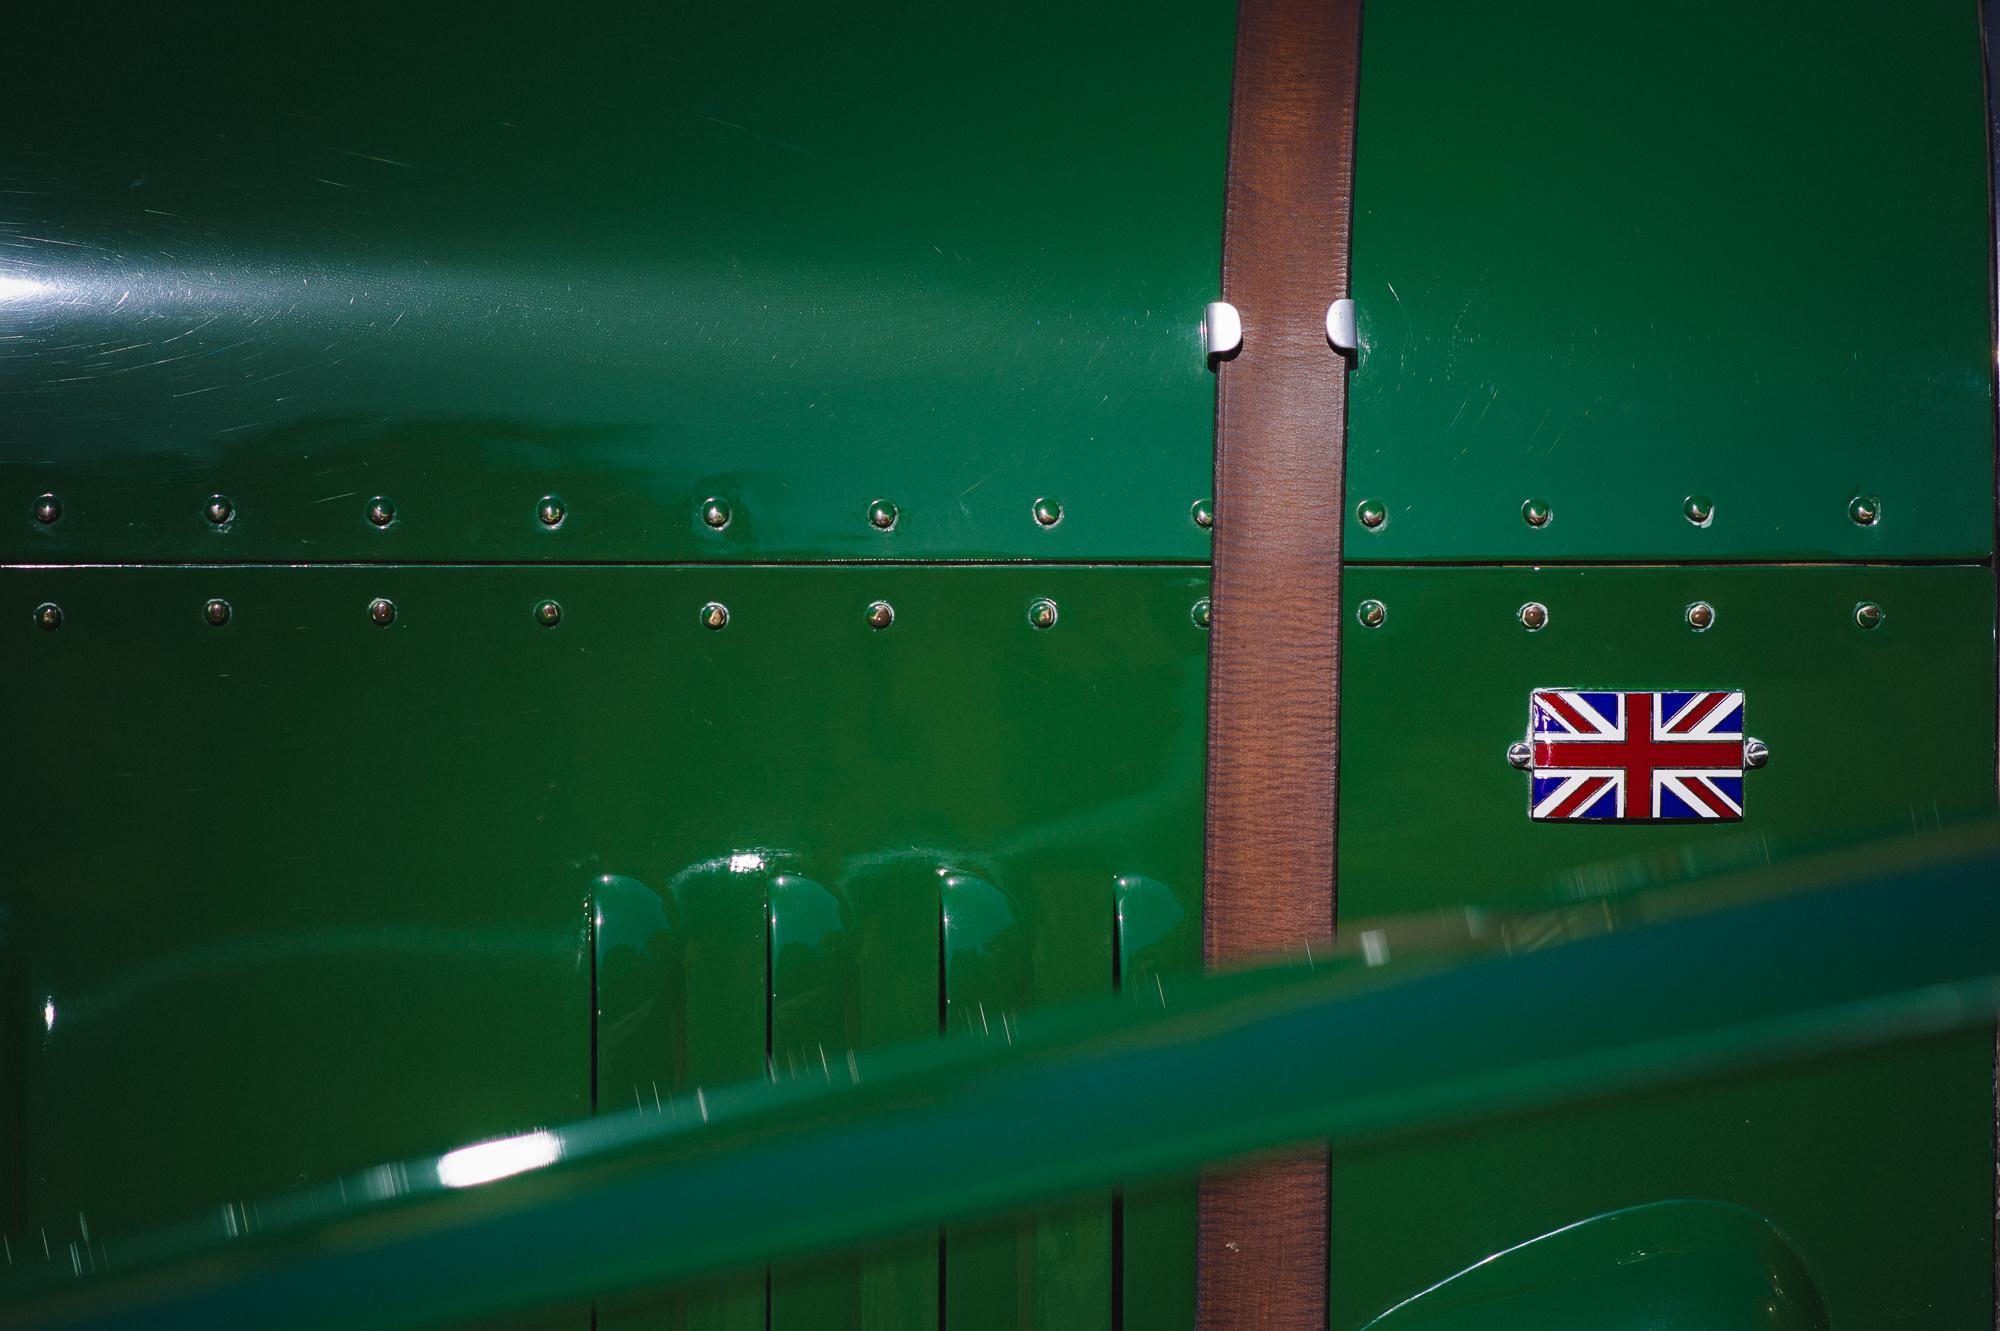 Bentley_3-4.5_LeMans_037.jpg